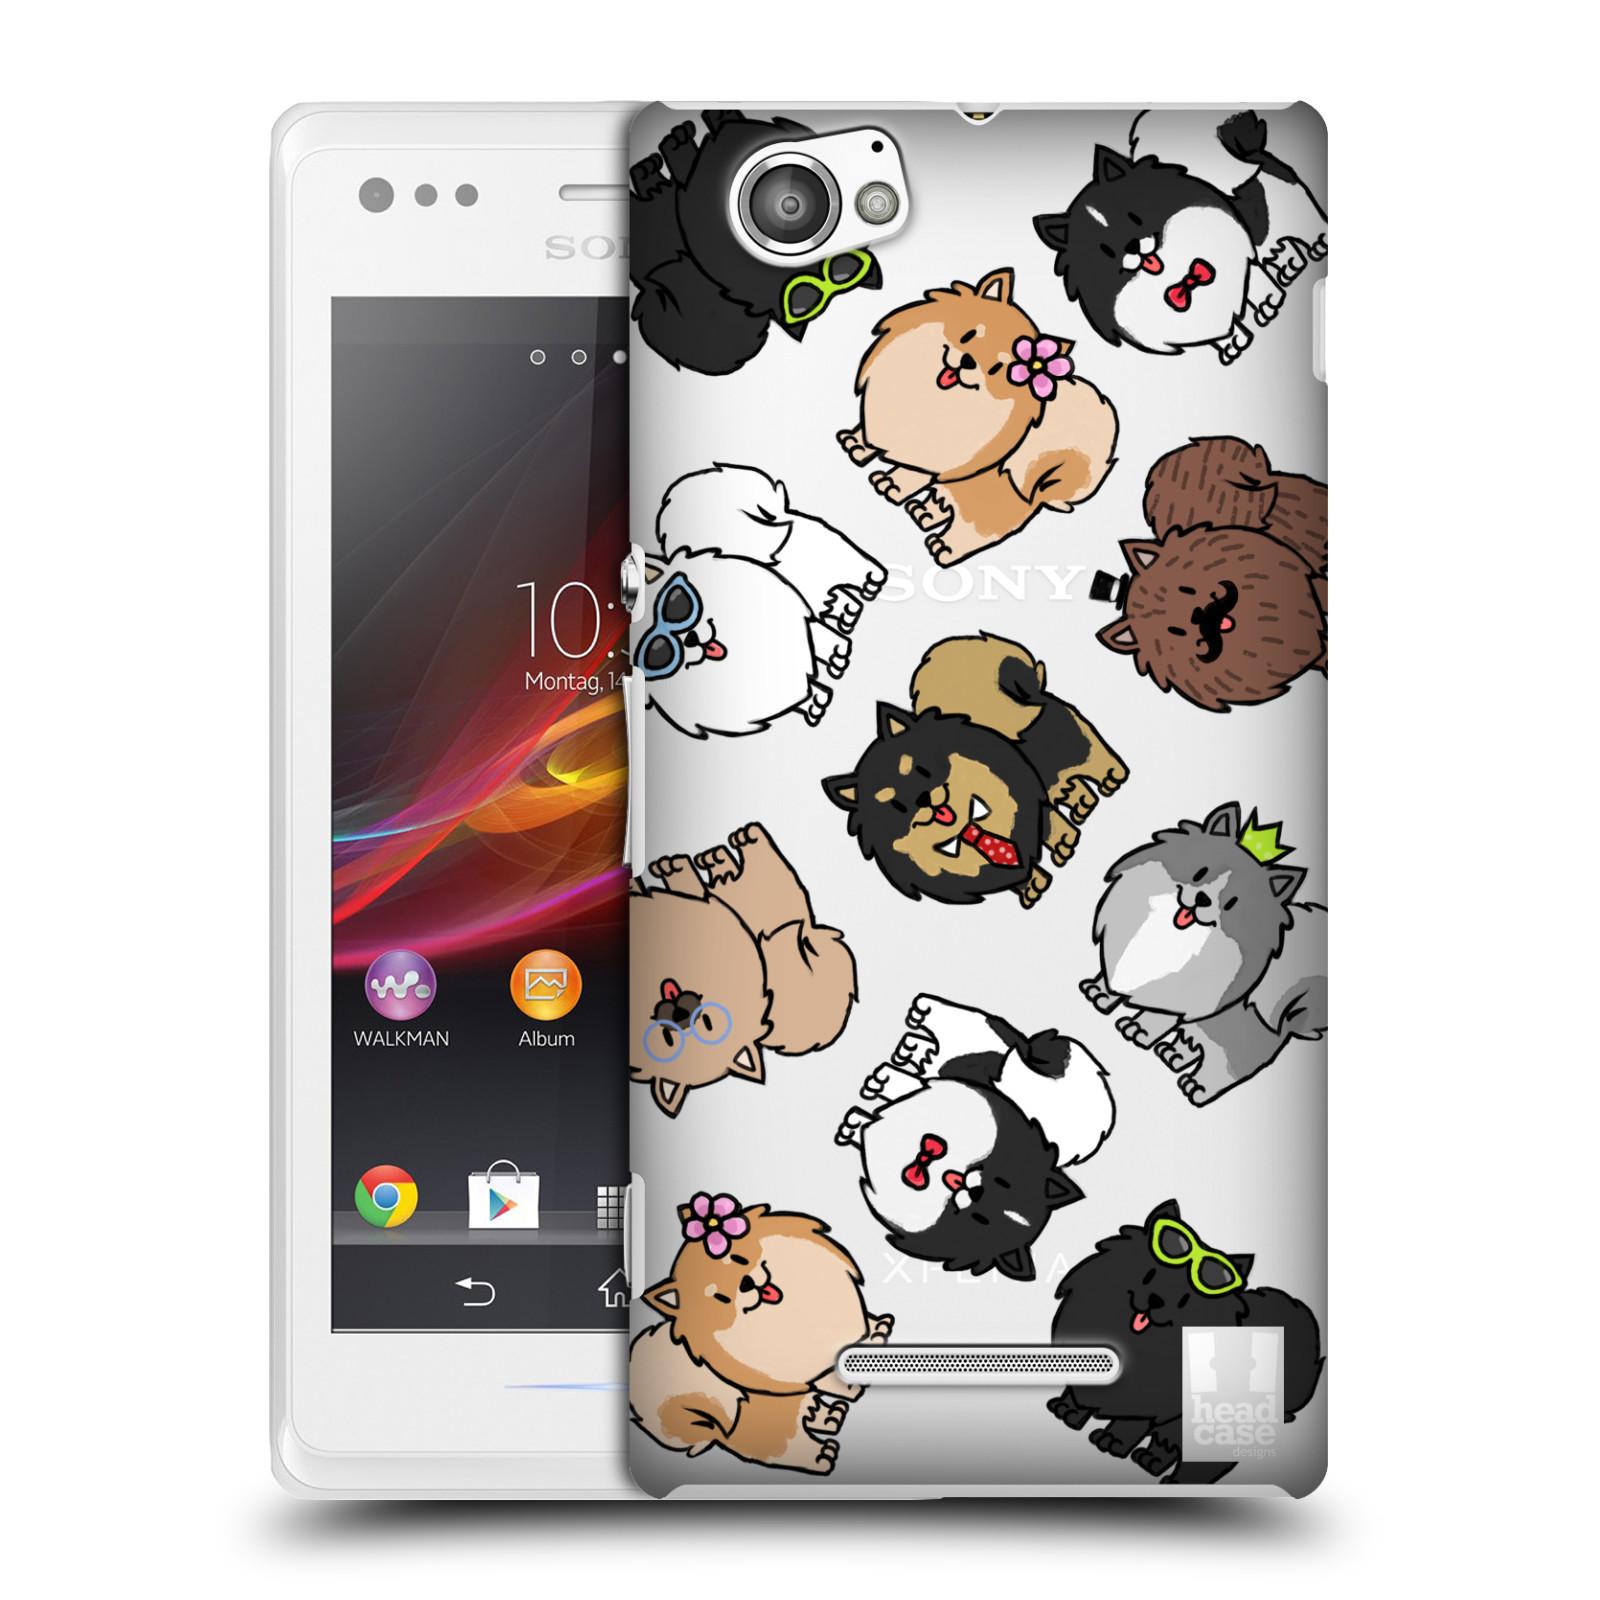 Plastové pouzdro na mobil Sony Xperia M C1905 Head Case - Špic - Pomeranian (Plastový kryt či obal na mobilní telefon s motivem špice pro Sony Xperia M )